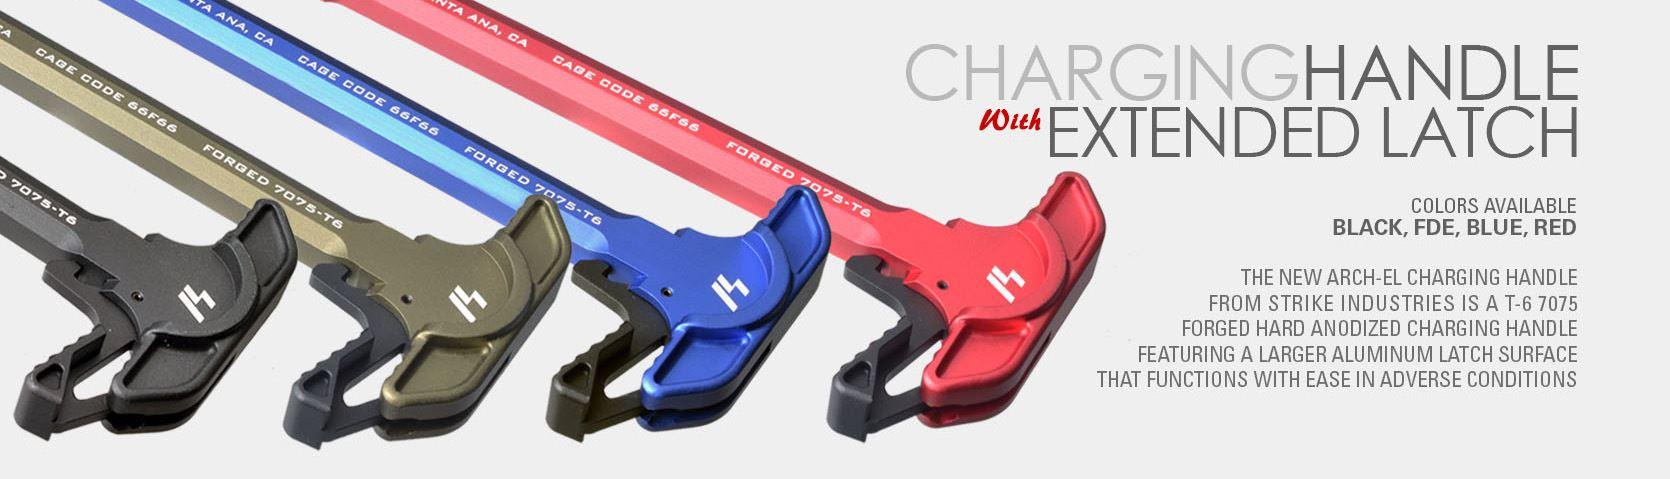 strike-induestries-ar-15-charging-handles-arch-el.jpg